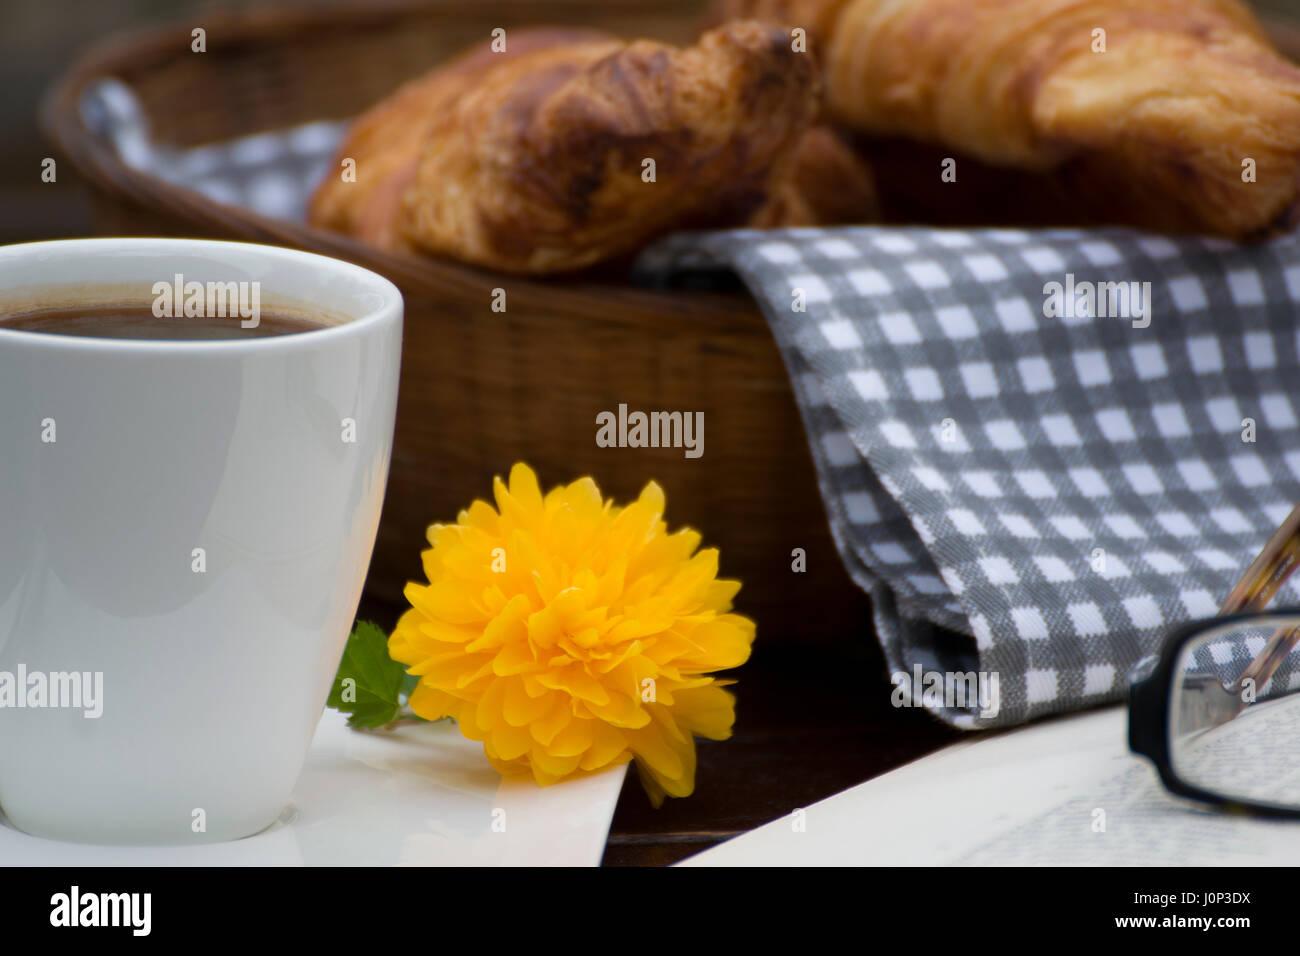 Nahaufnahme der einen Korb mit Croissants, eine Tasse Kaffee mit einem kleinen gelben Blume, ein offenes Buch und Stockfoto